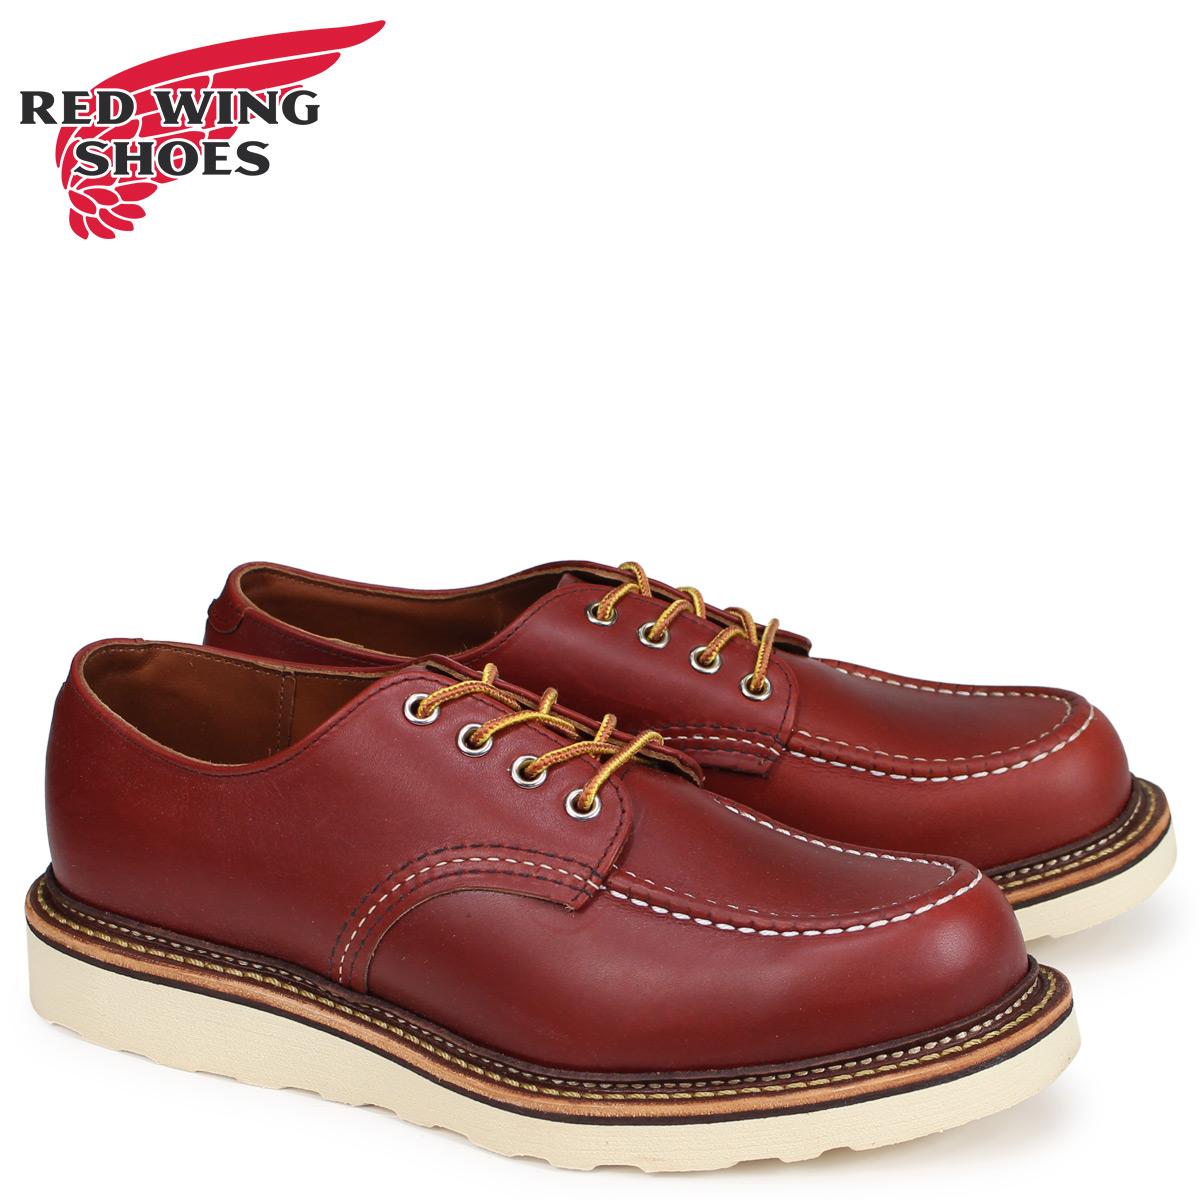 レッドウィング RED WING オックスフォード シューズ クラシック メンズ CLASSIC OXFORD Dワイズ ブラウン 8103